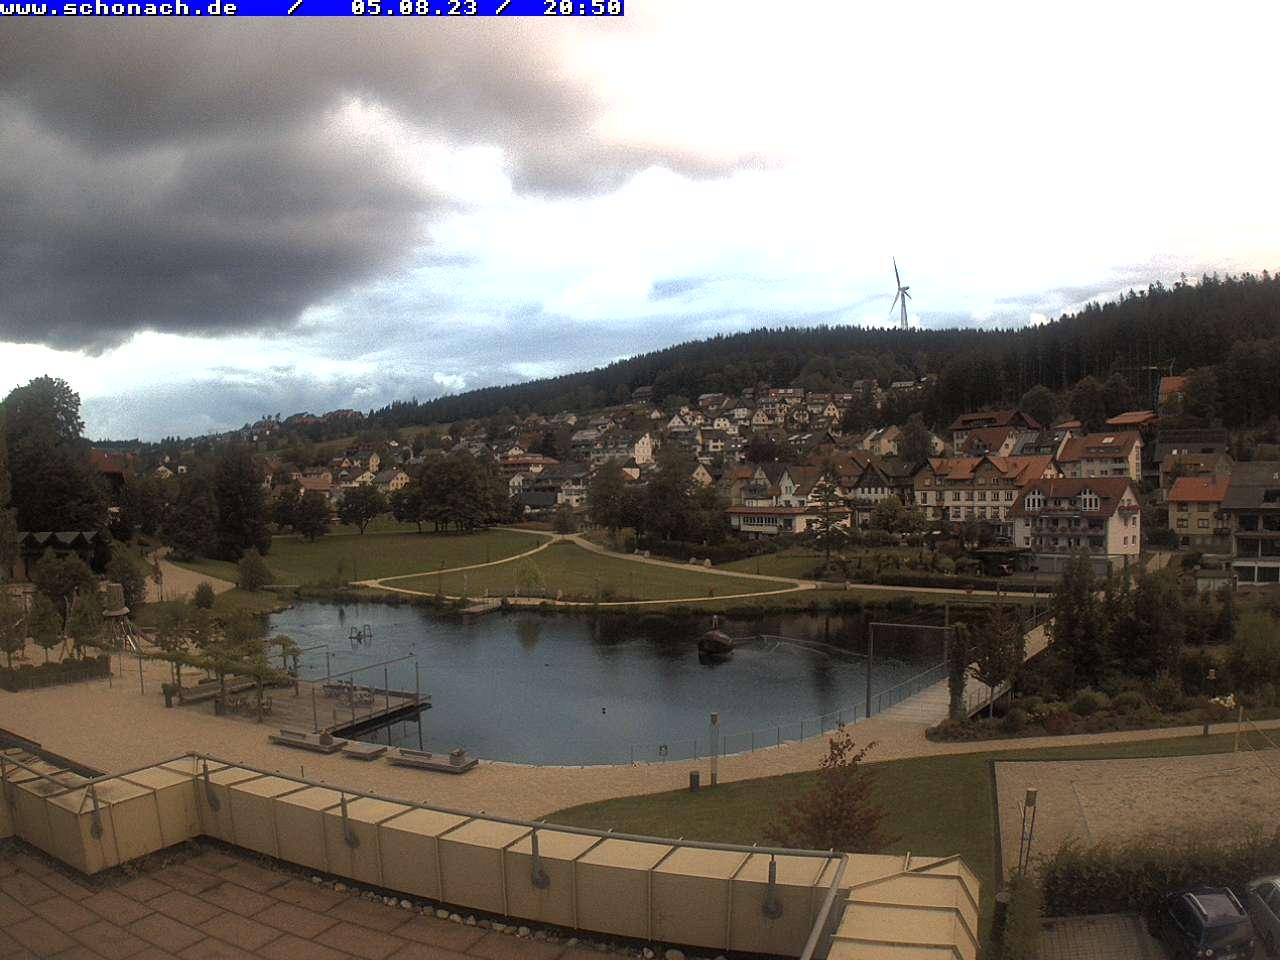 Webcam-Ansicht in Schonach